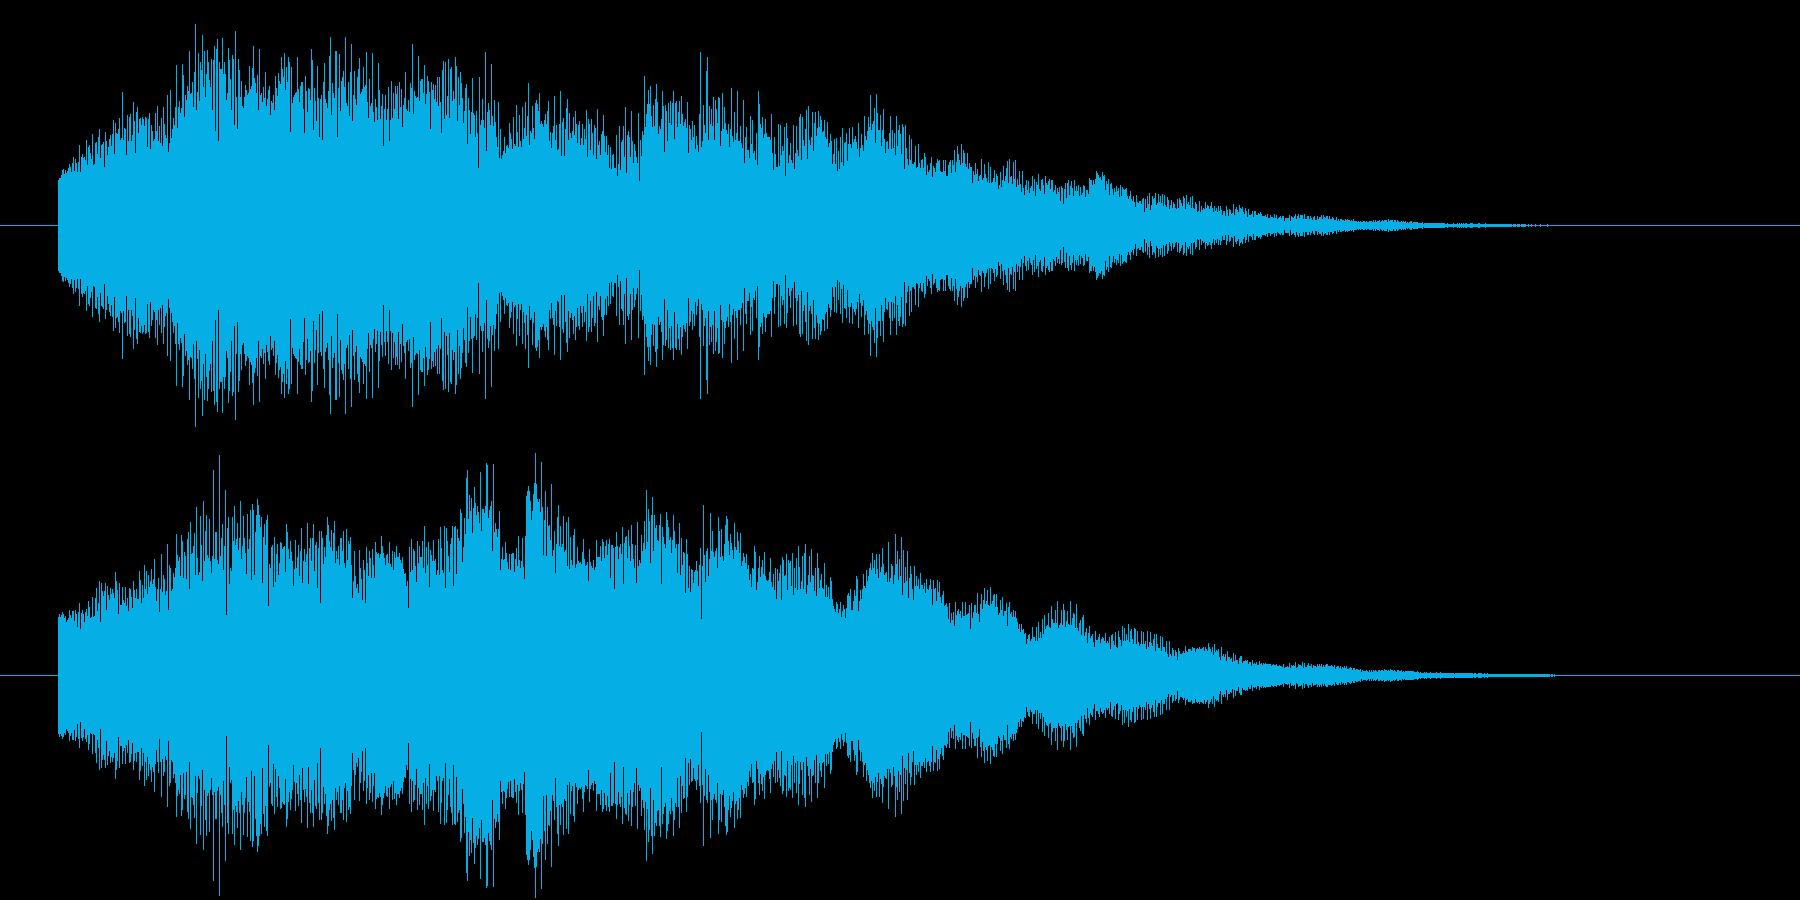 デジタル音のベル風ジングルの再生済みの波形